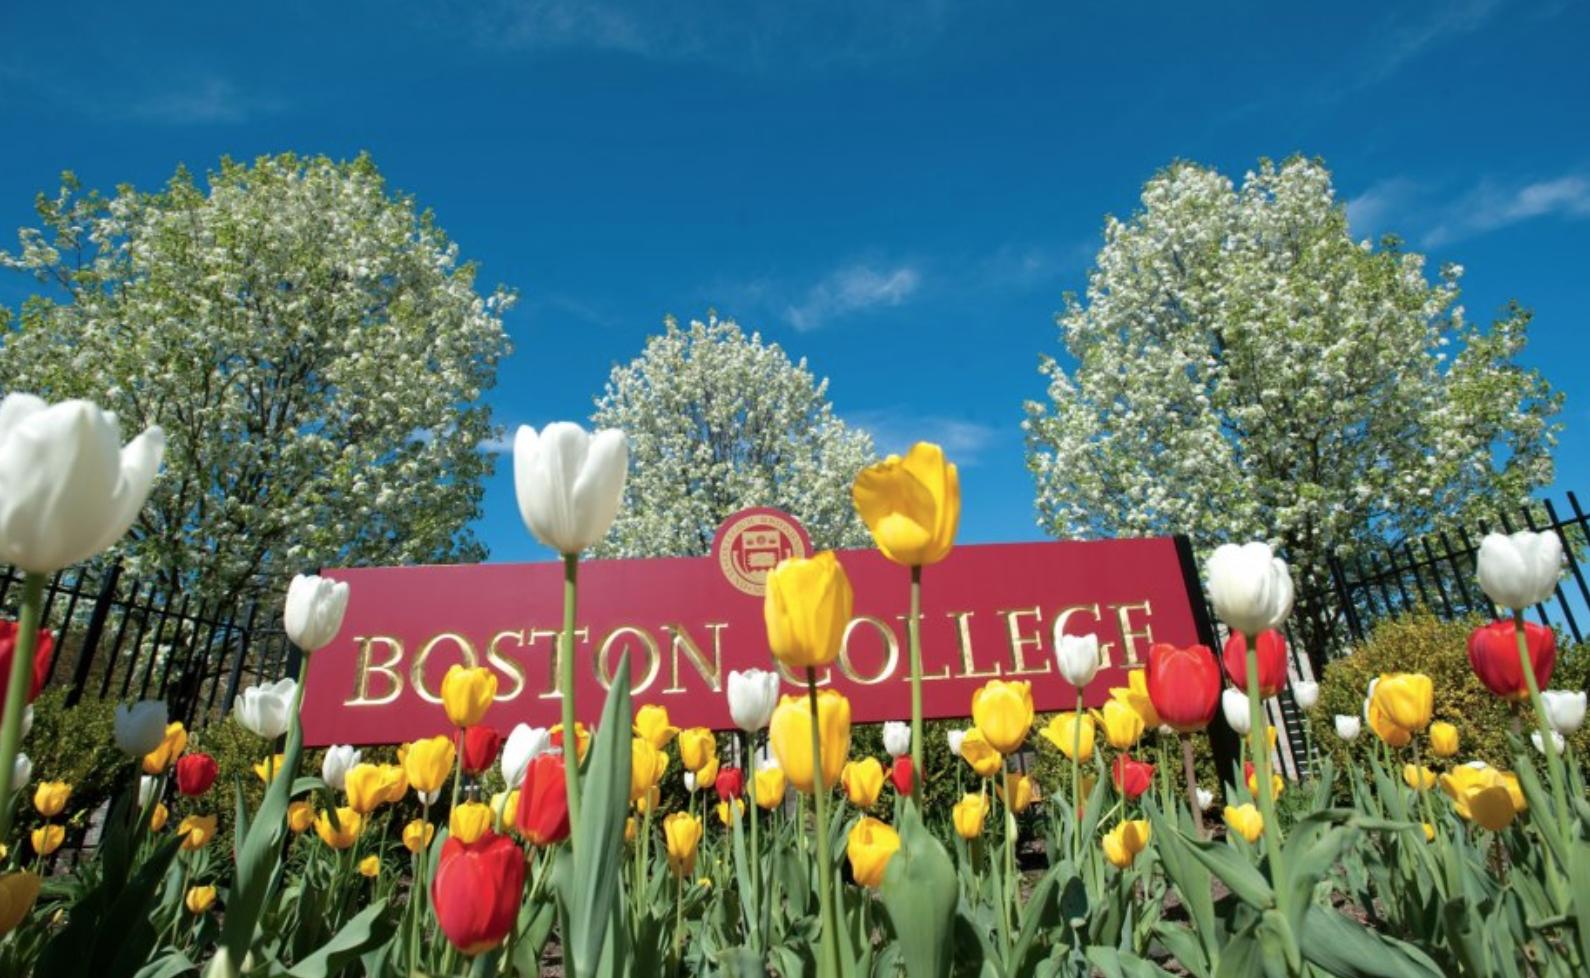 SALUD. 13 miembros del equipo de natación y buceo del Boston College dieron positivo a la prueba de COVID-19